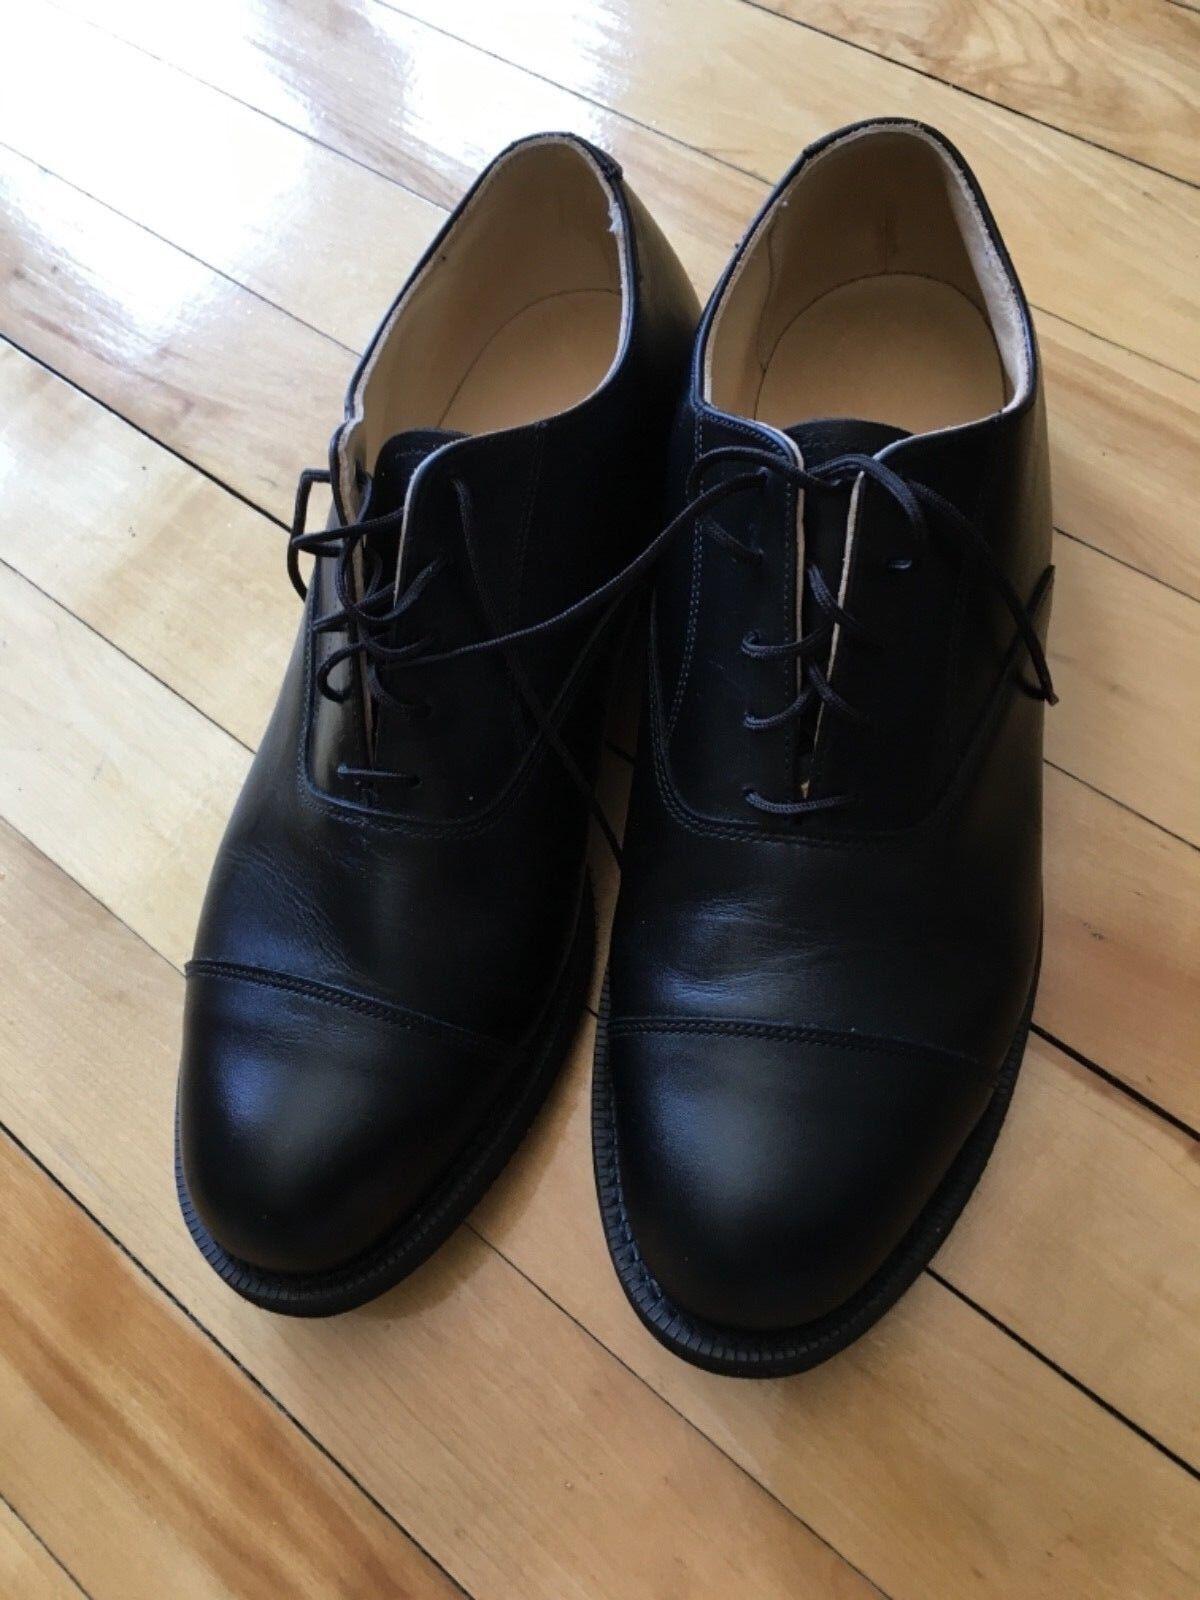 Canadian military army Oxford shoes vibram sole Scarpe classiche da uomo